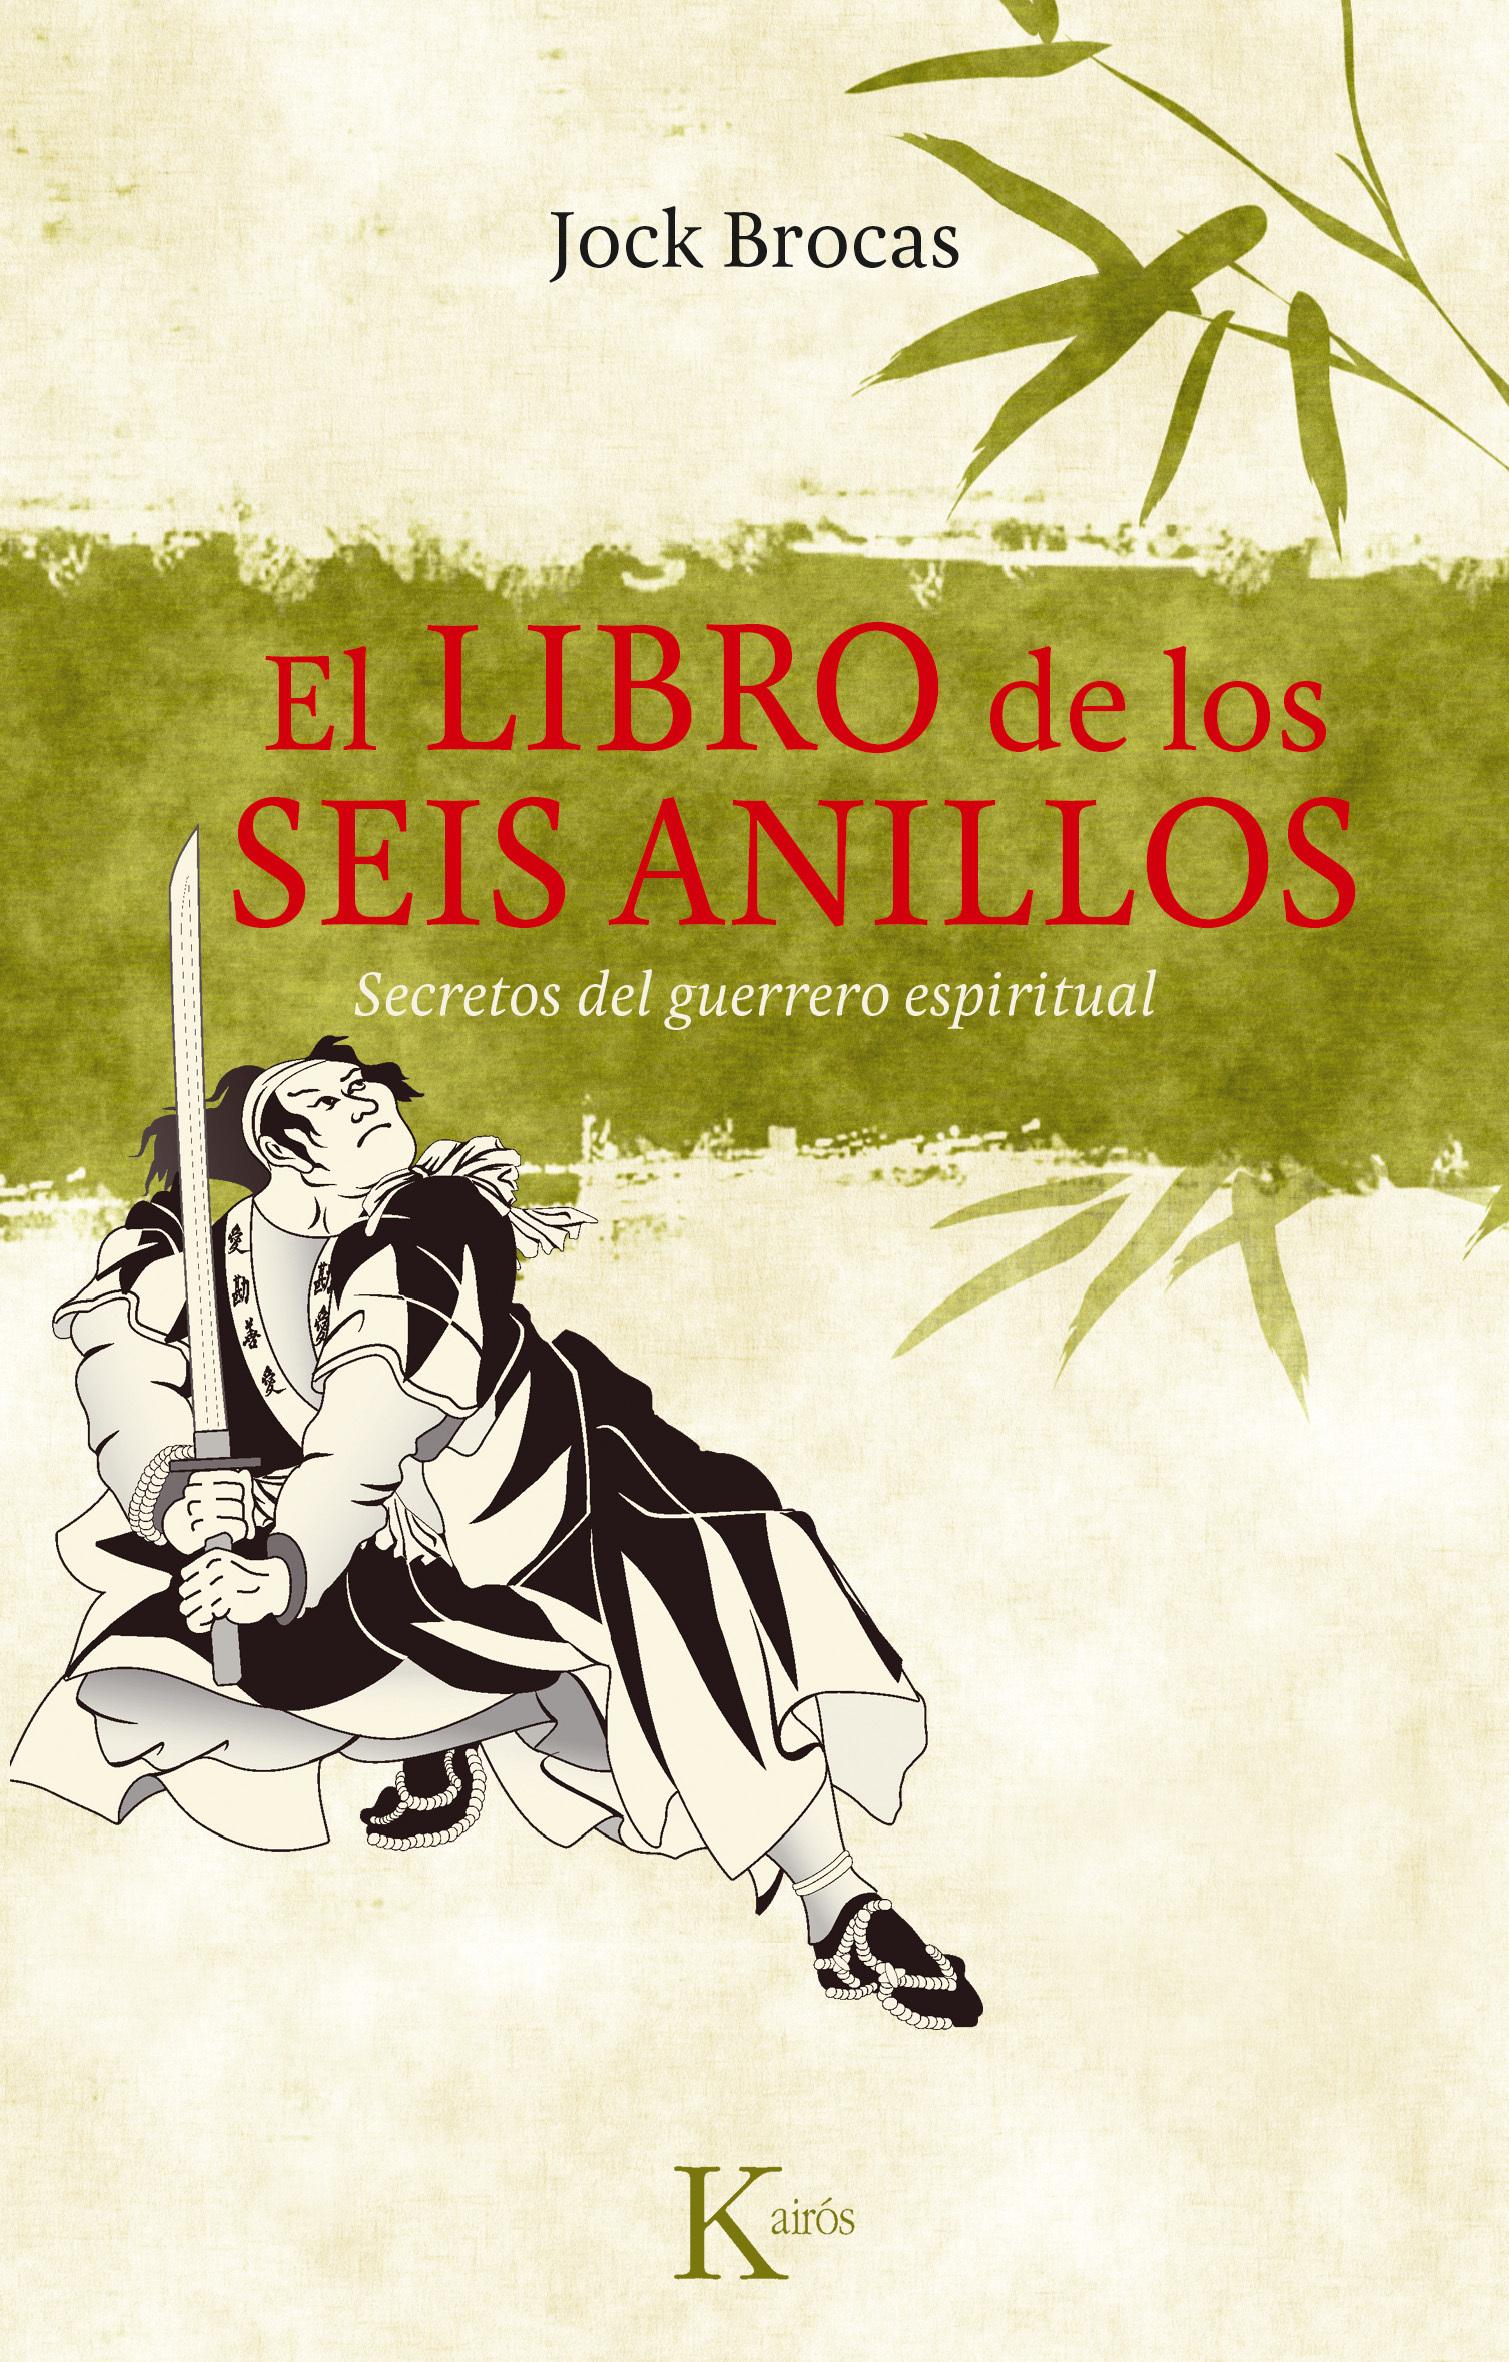 EL LIBRO DE LOS SEIS ANILLOS: SECRETOS DEL GUERRERO ESPIRITUAL